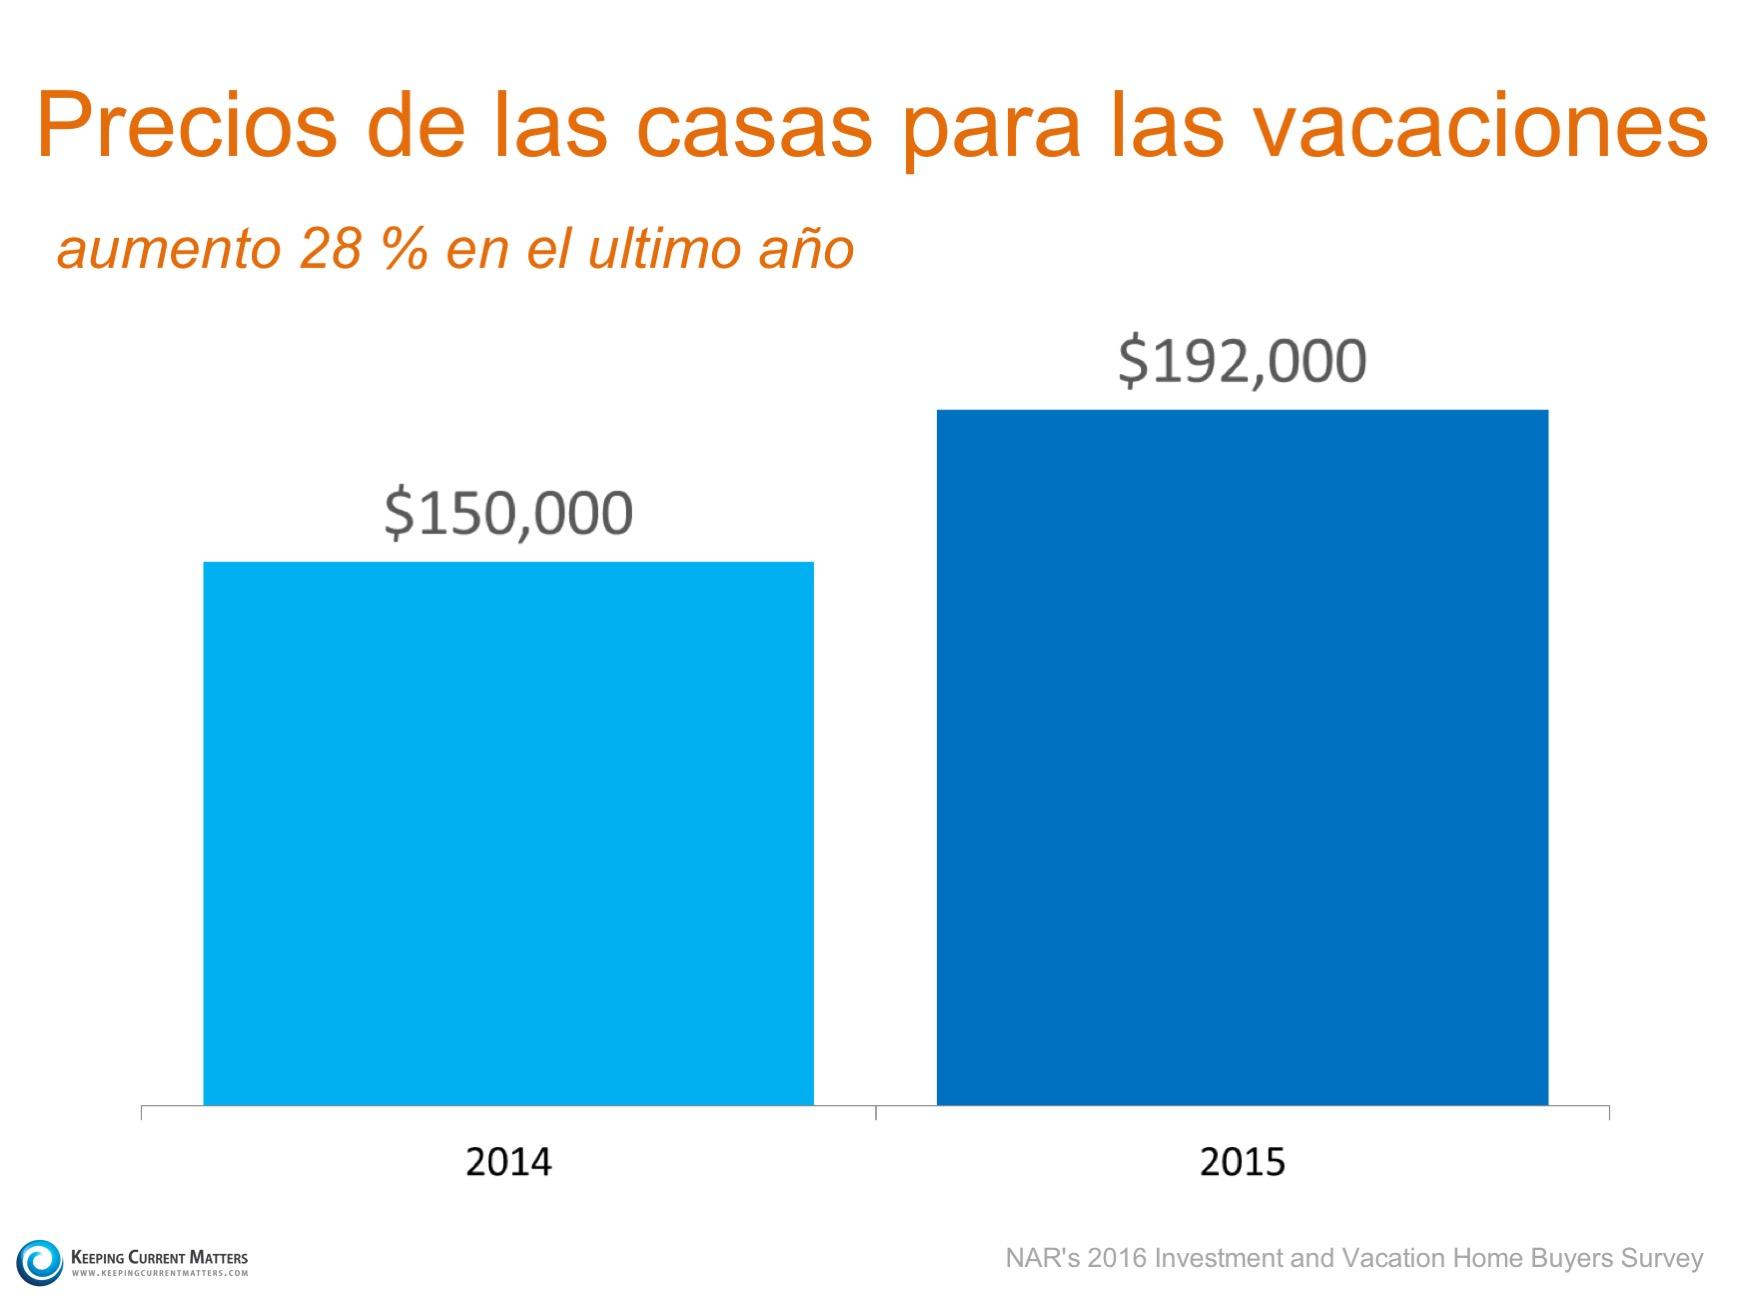 Las ventas de las casas para las vacaciones: Las ventas han bajado, los precios han aumentado| Keeping Current Matters